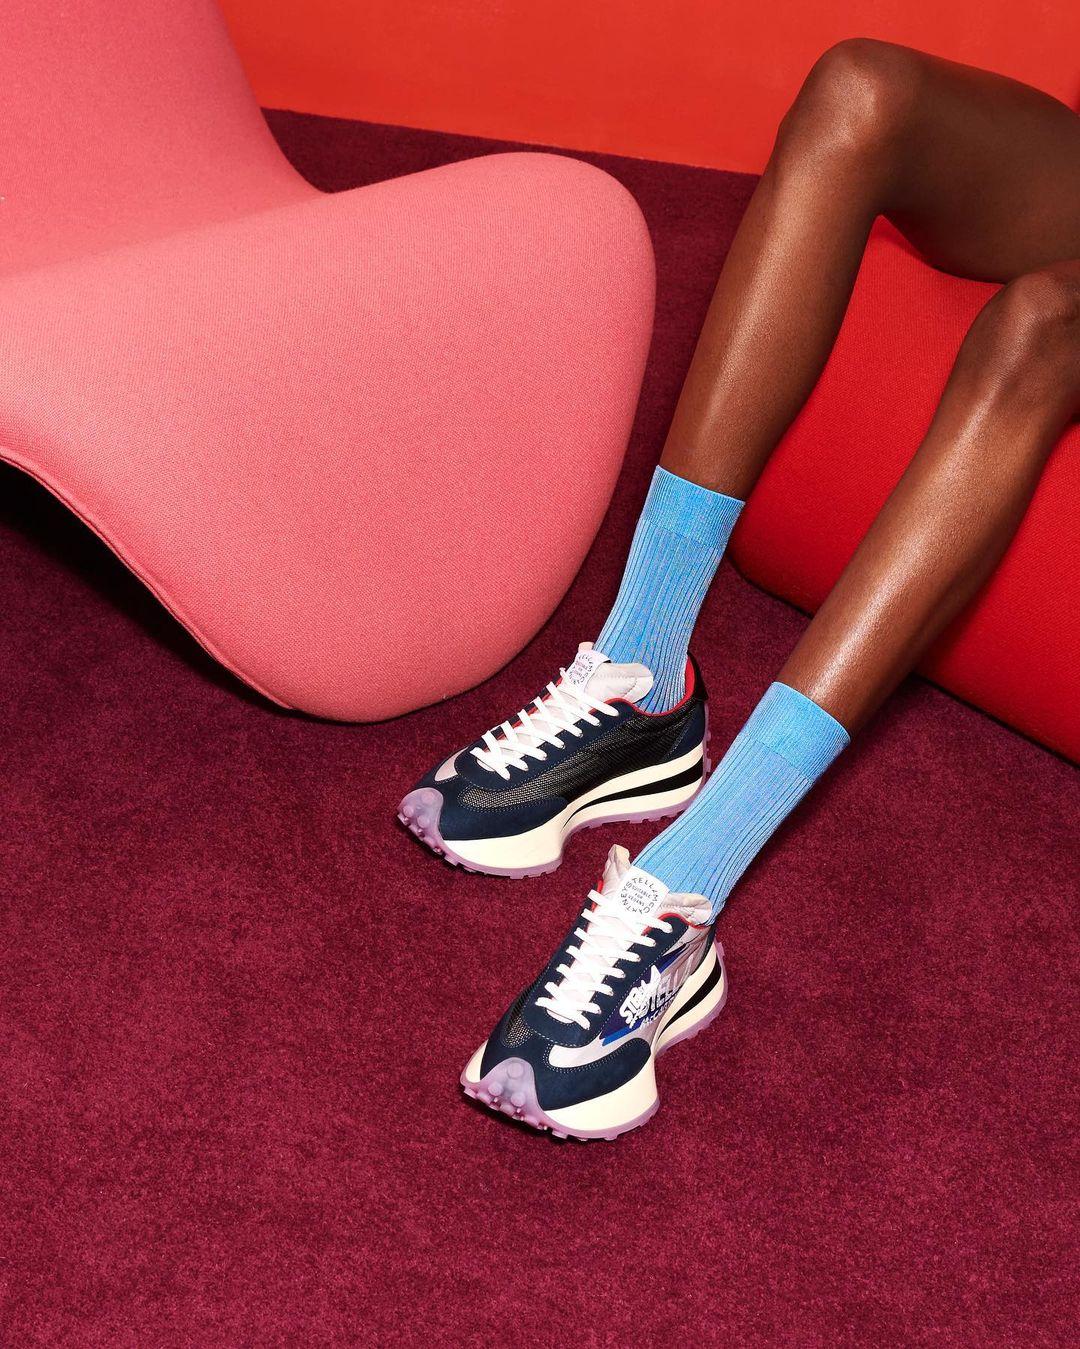 Стелла МакКартни презентовала новую линейку веганской спортивной обуви-Фото 2